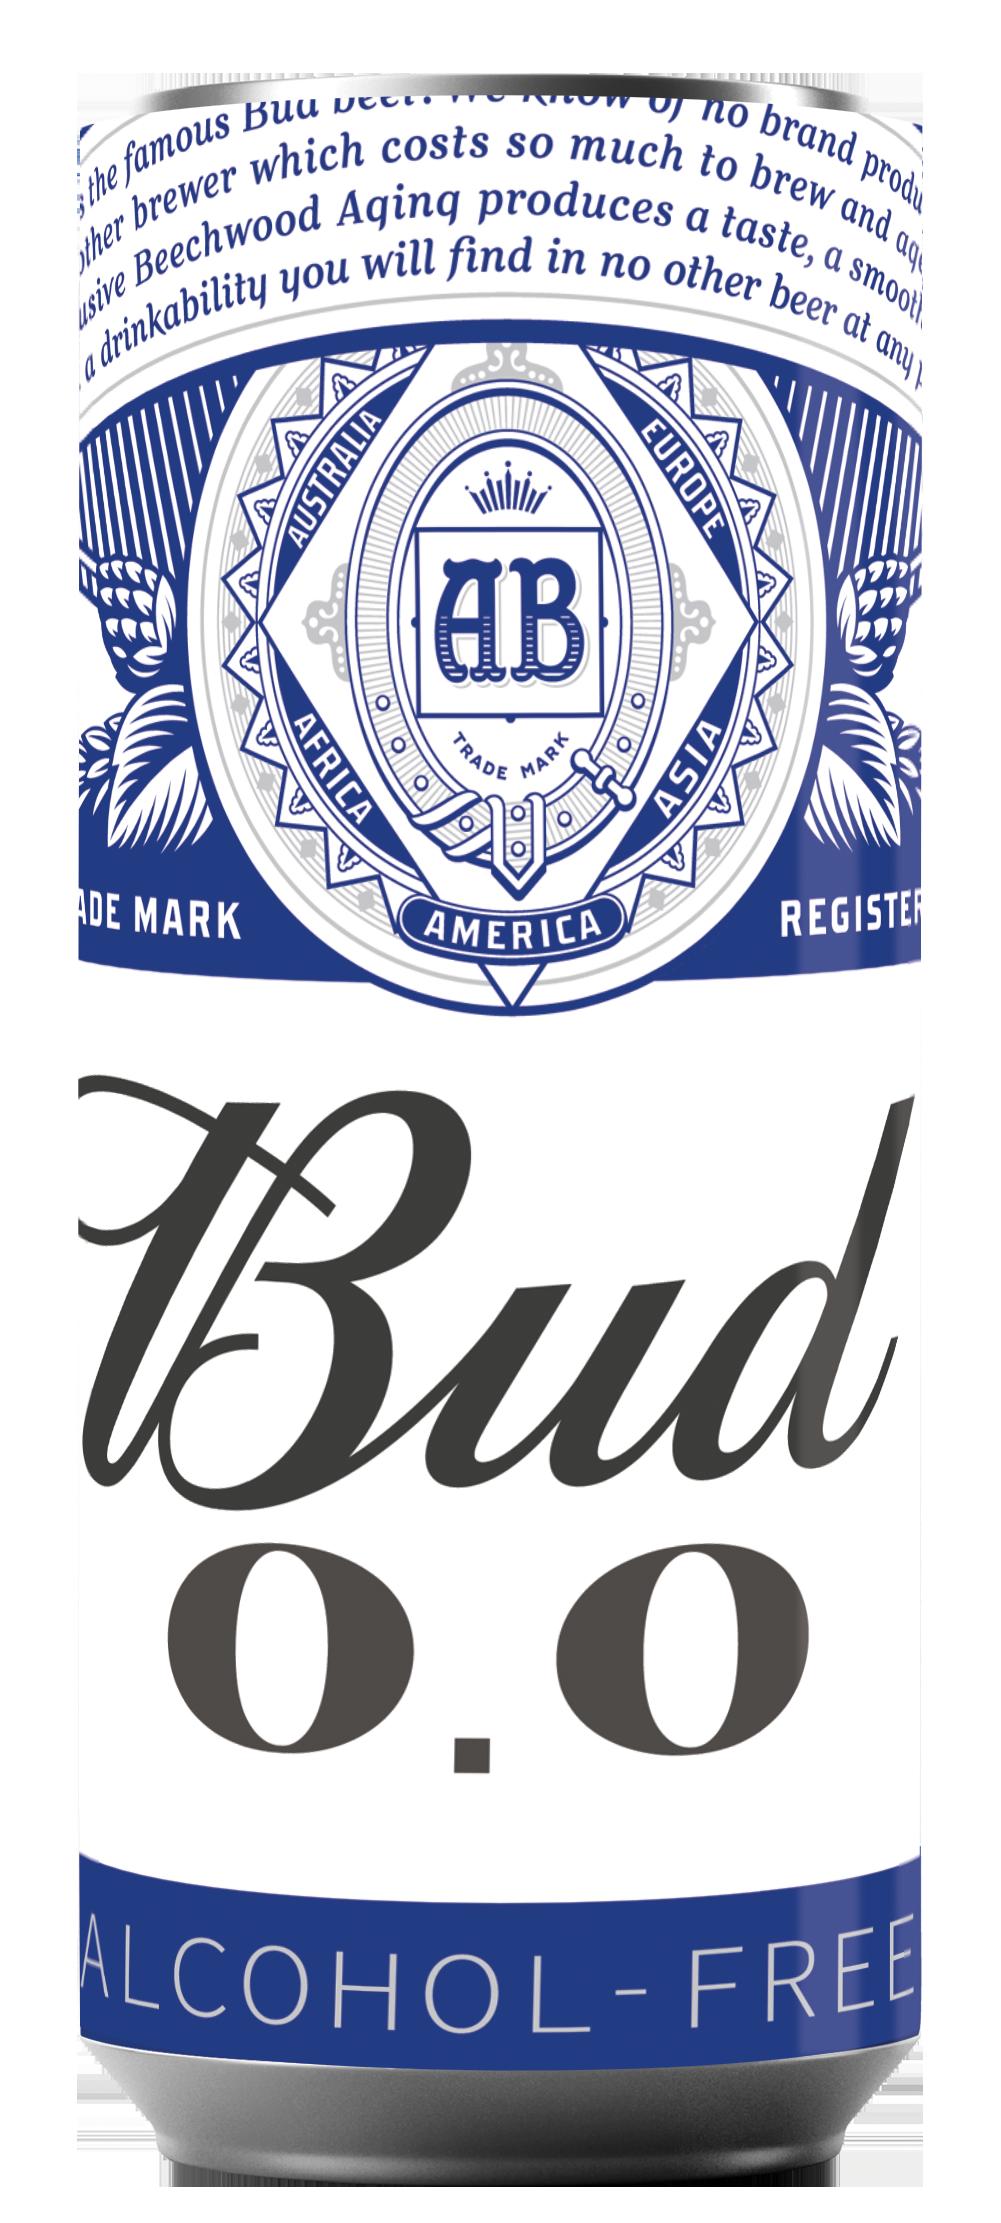 AB InBev Efes представила обновленный дизайн легендарного BUD Alcohol Free